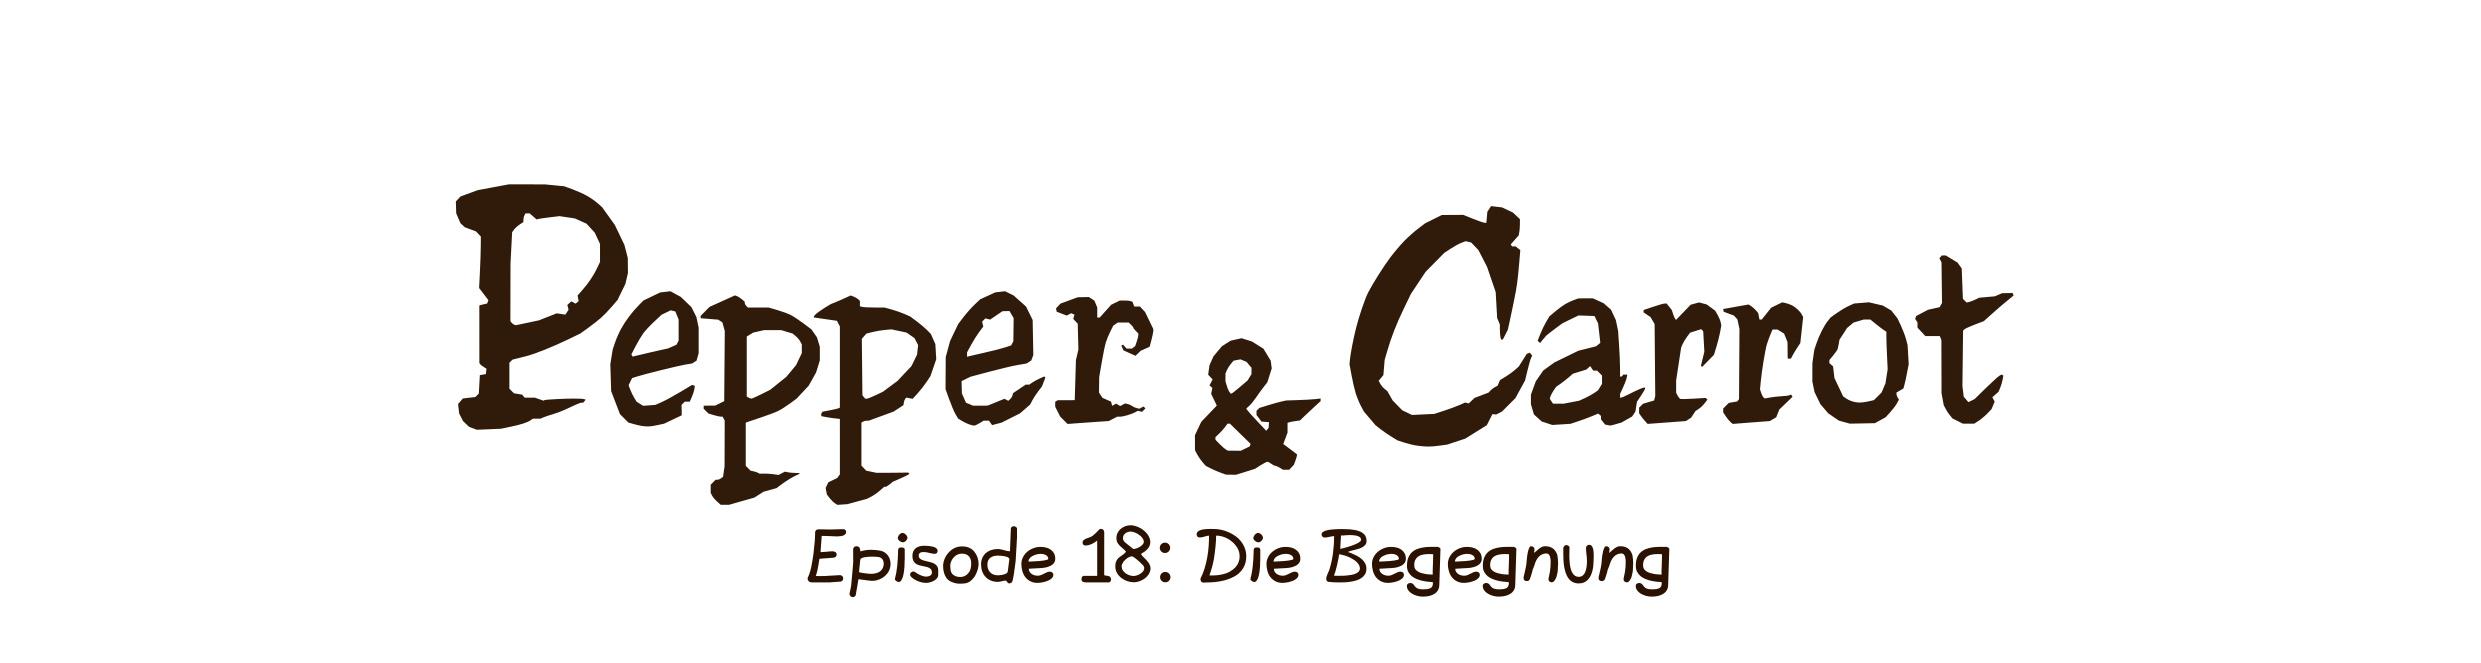 Episode 18: Die Begegnung